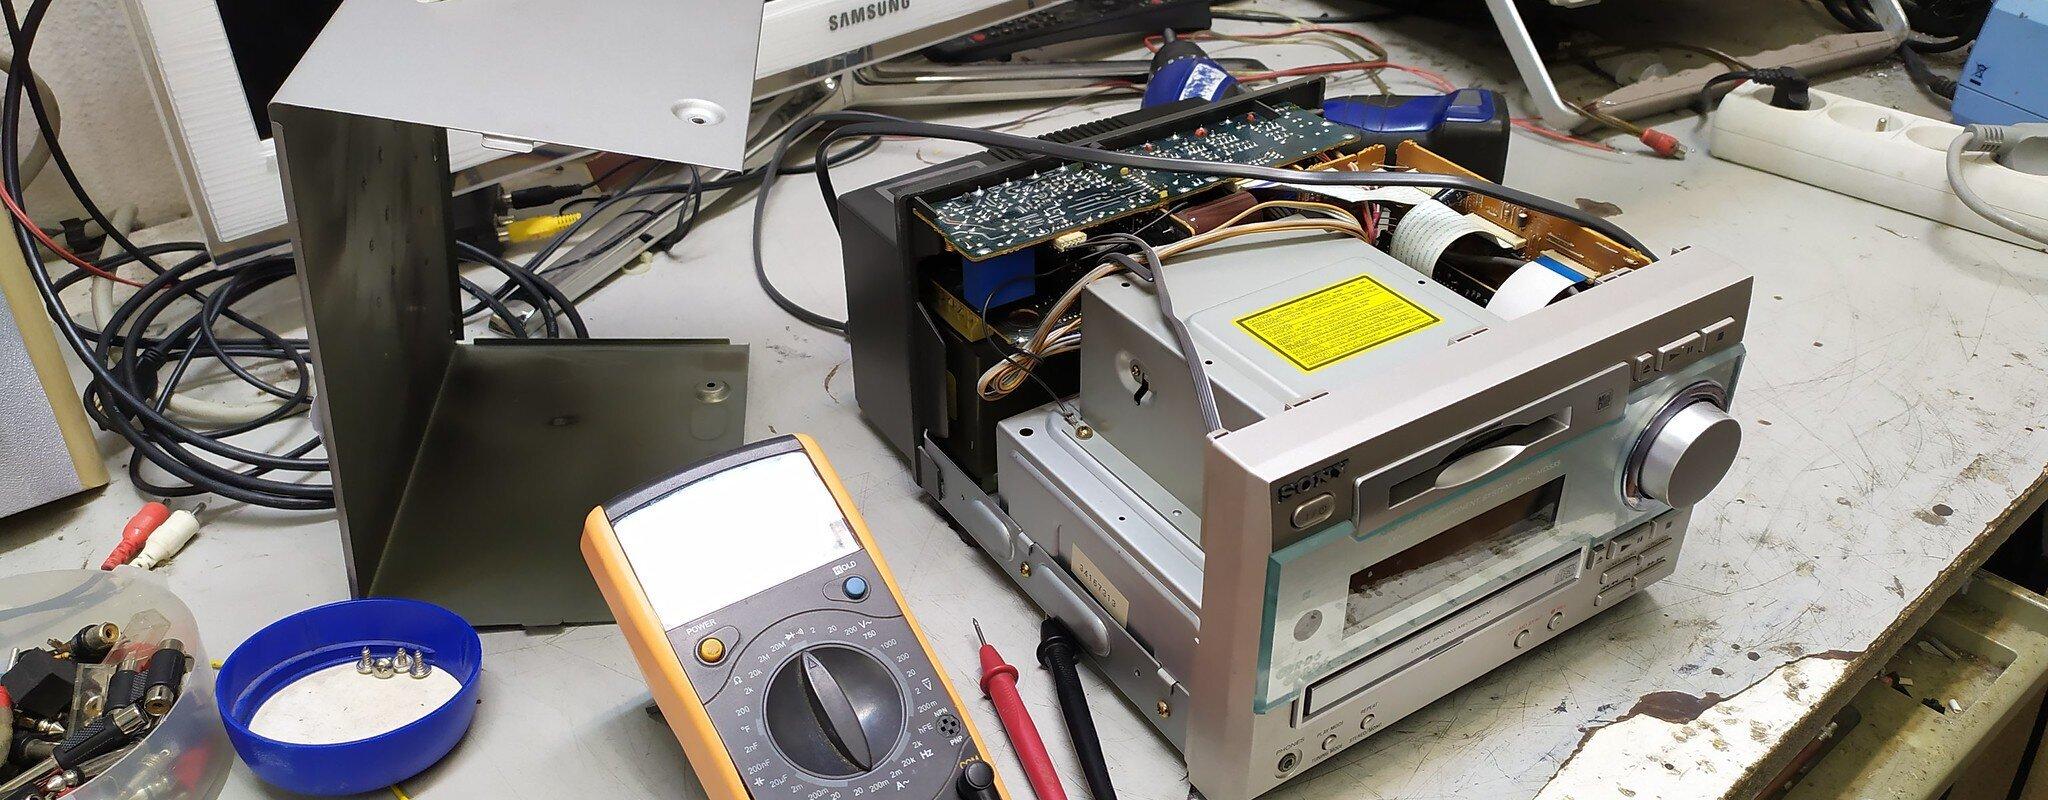 Où faire réparer ordinateur et électroménager à Strasbourg?